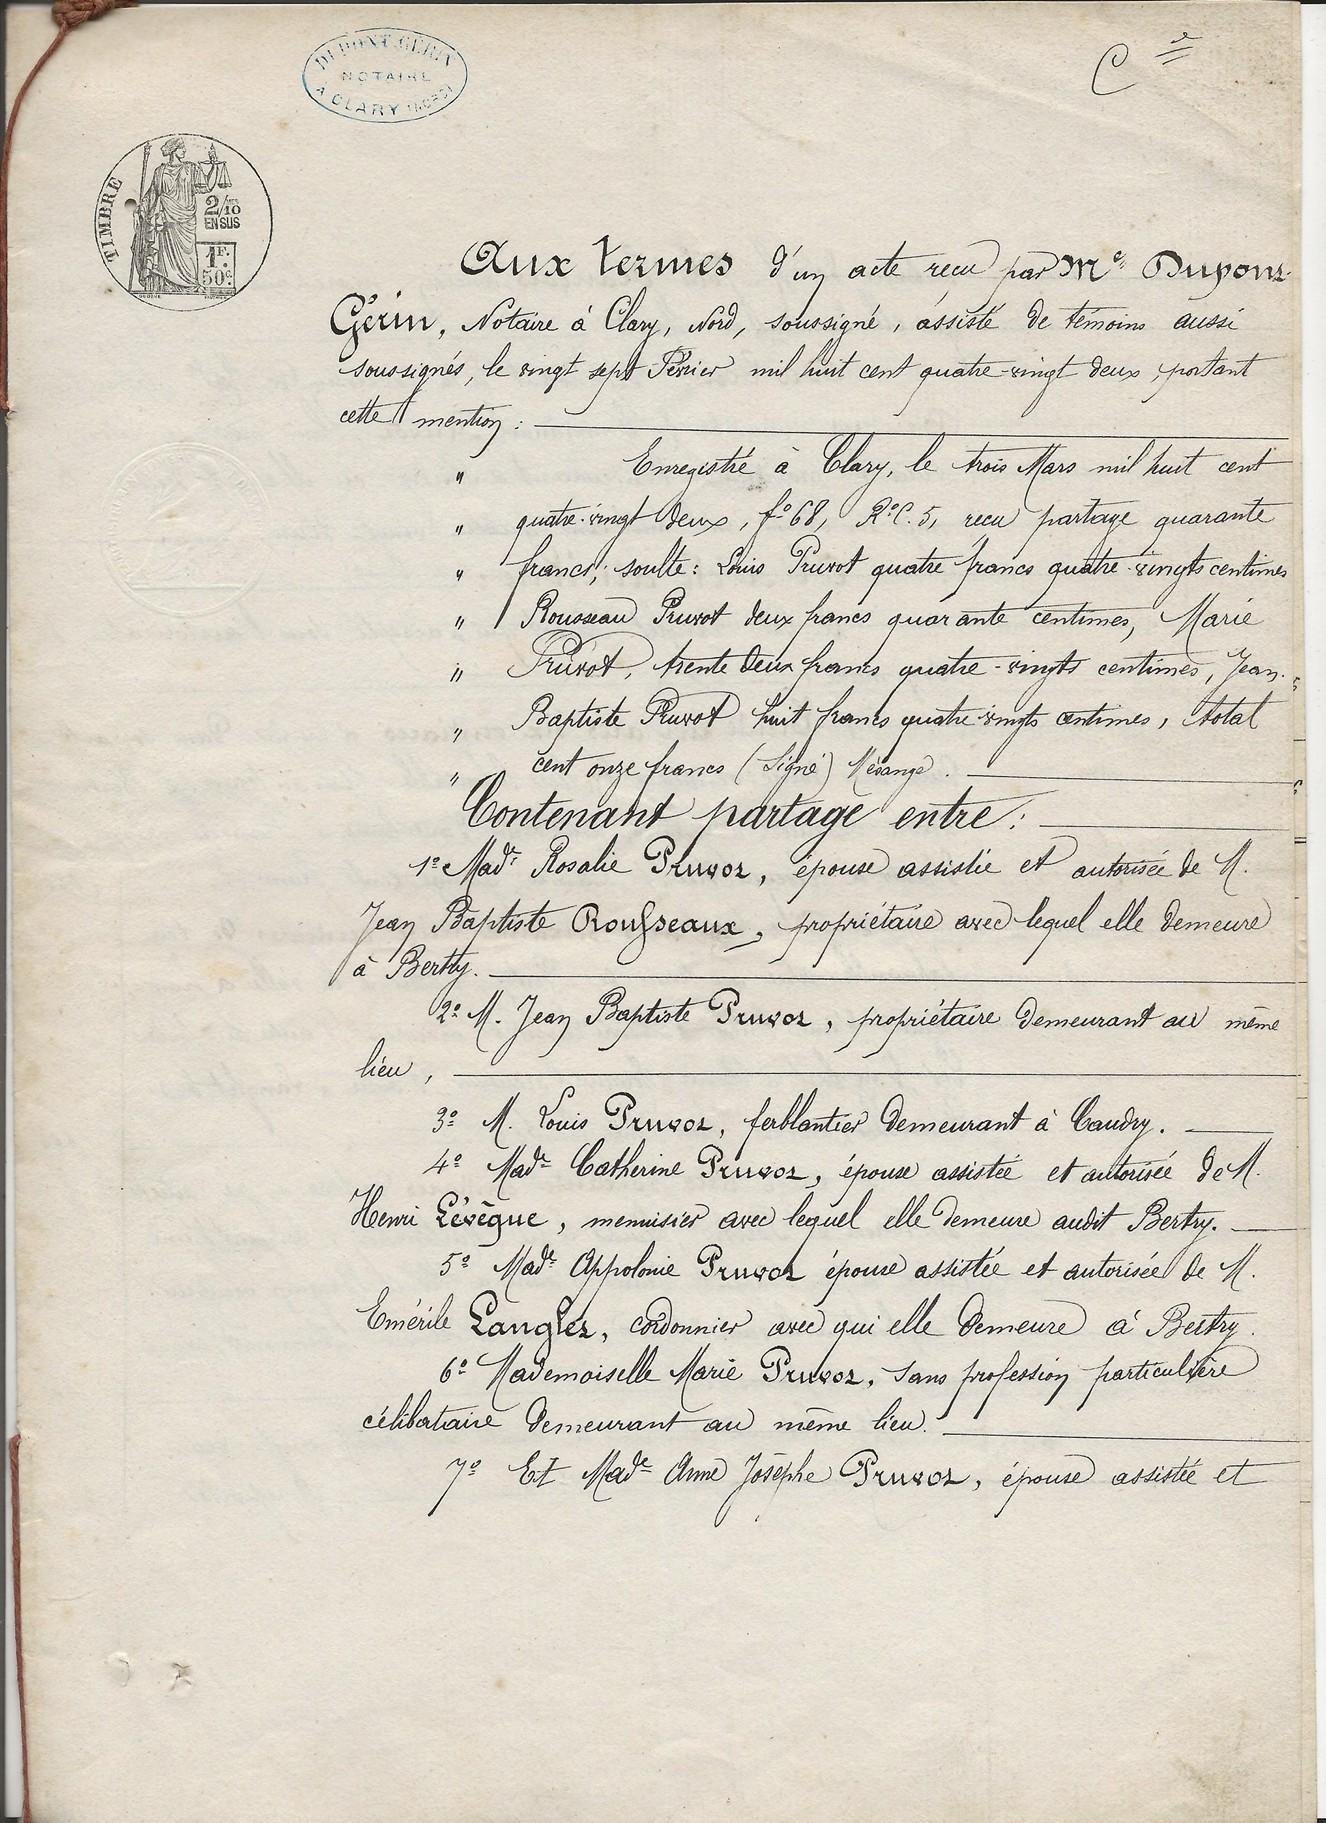 1882 succession partage de ch bricout veuve emmanuel pruvot 004